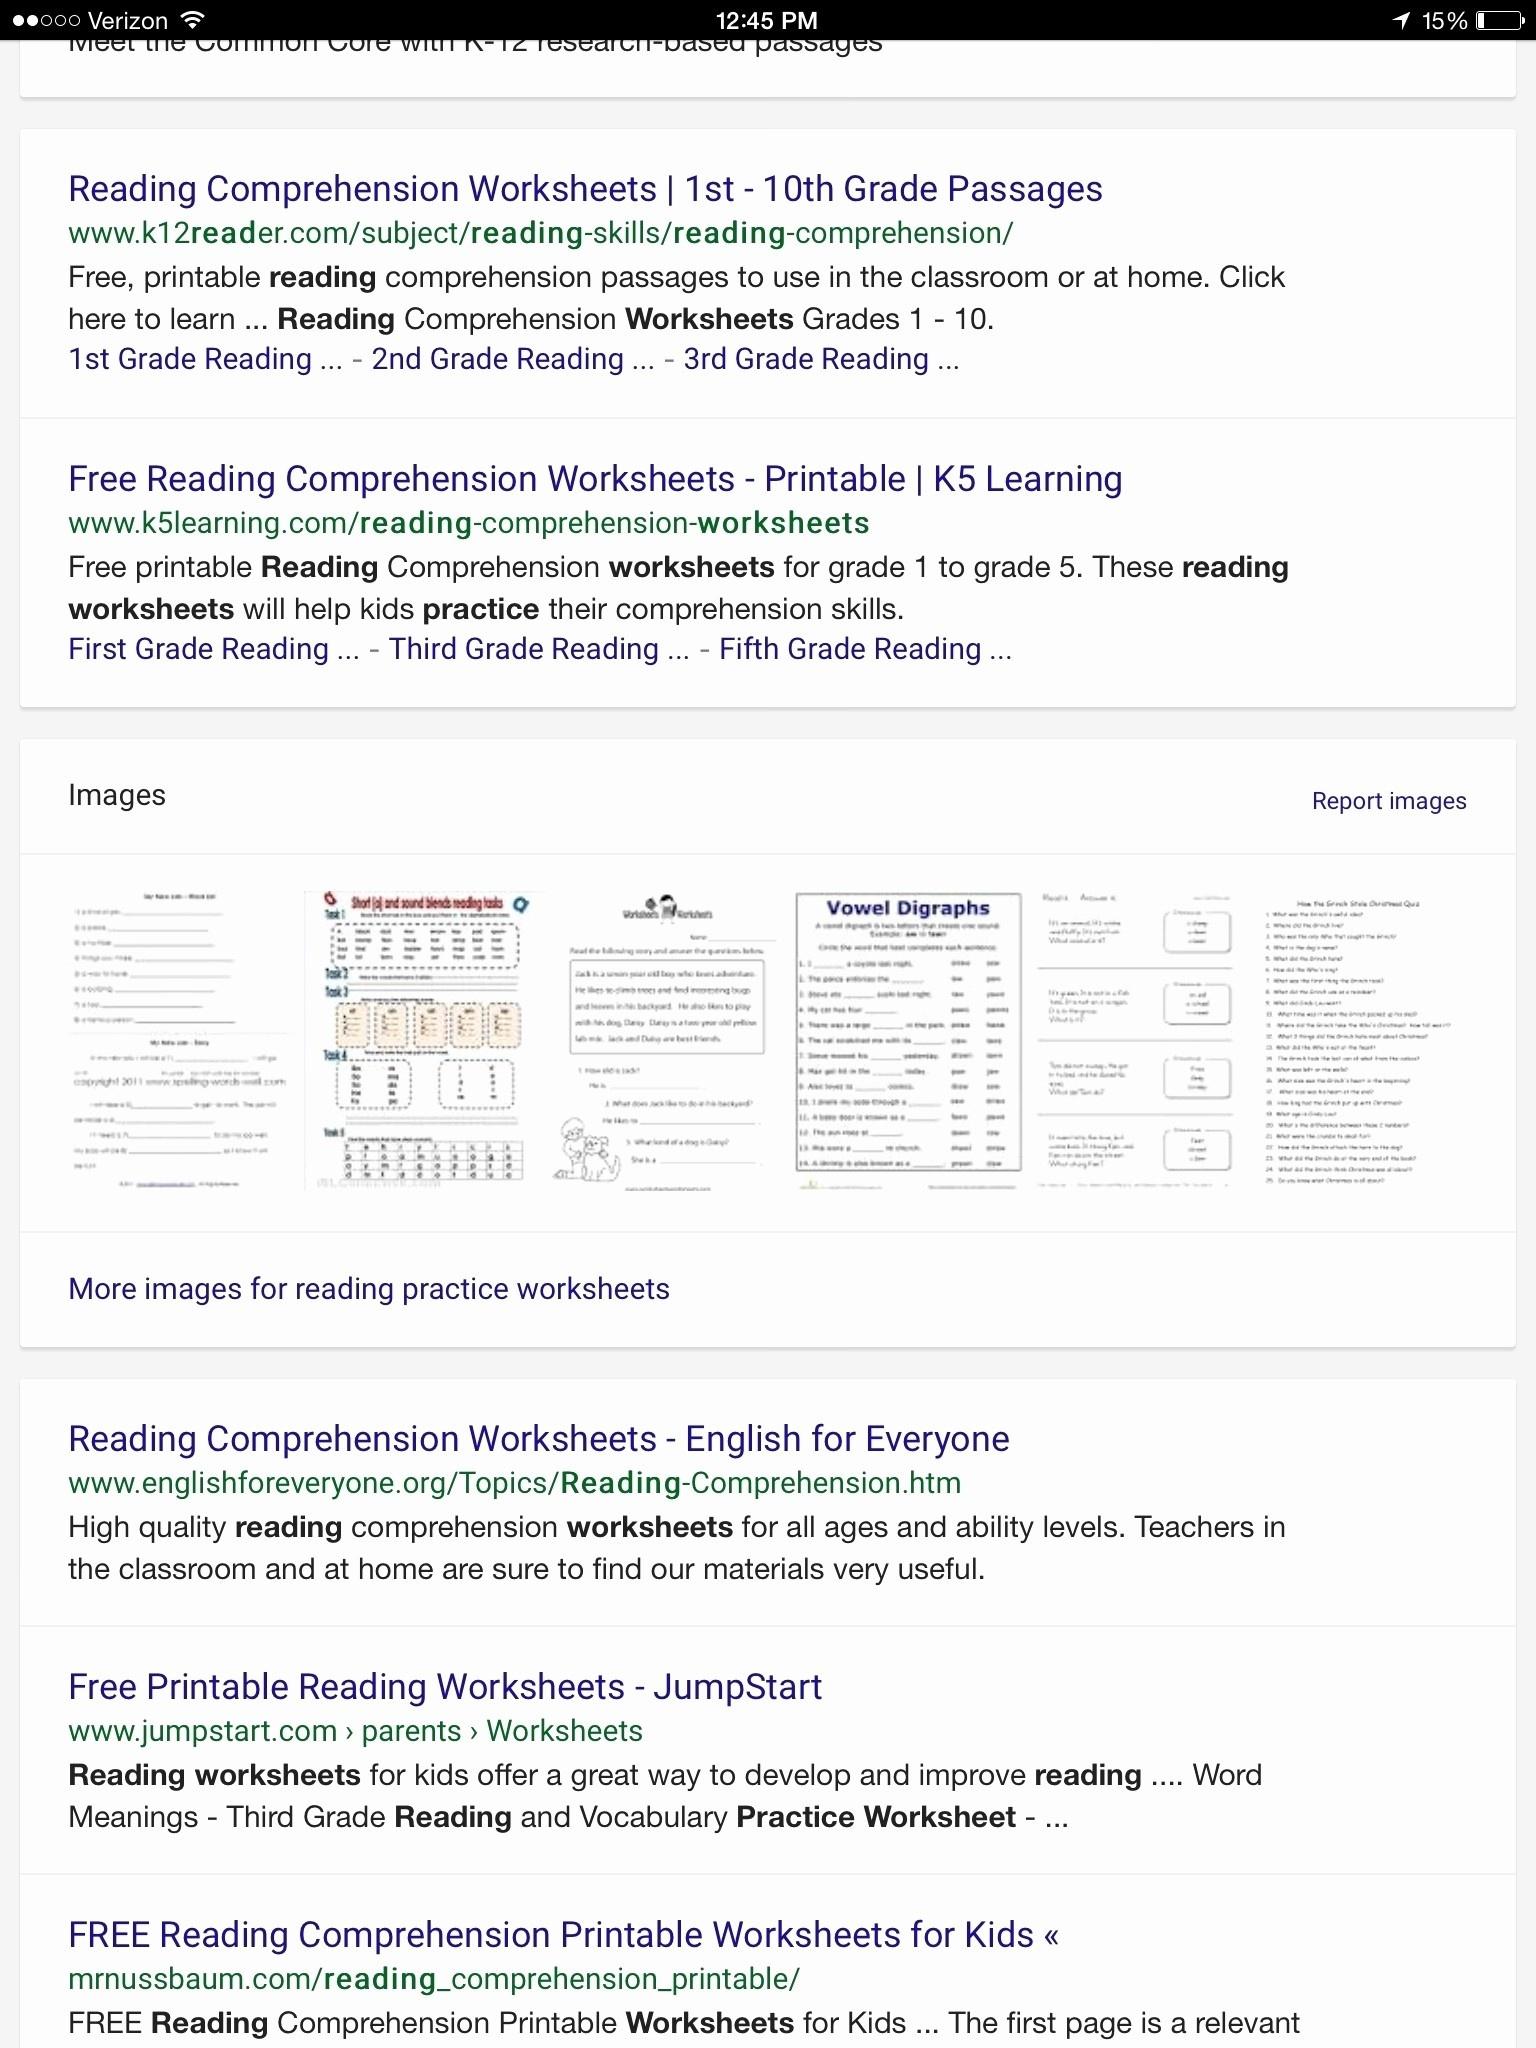 Worksheet: Preschool Math Games Basic Money Worksheets Adverbs - Free Printable Itbs Practice Worksheets